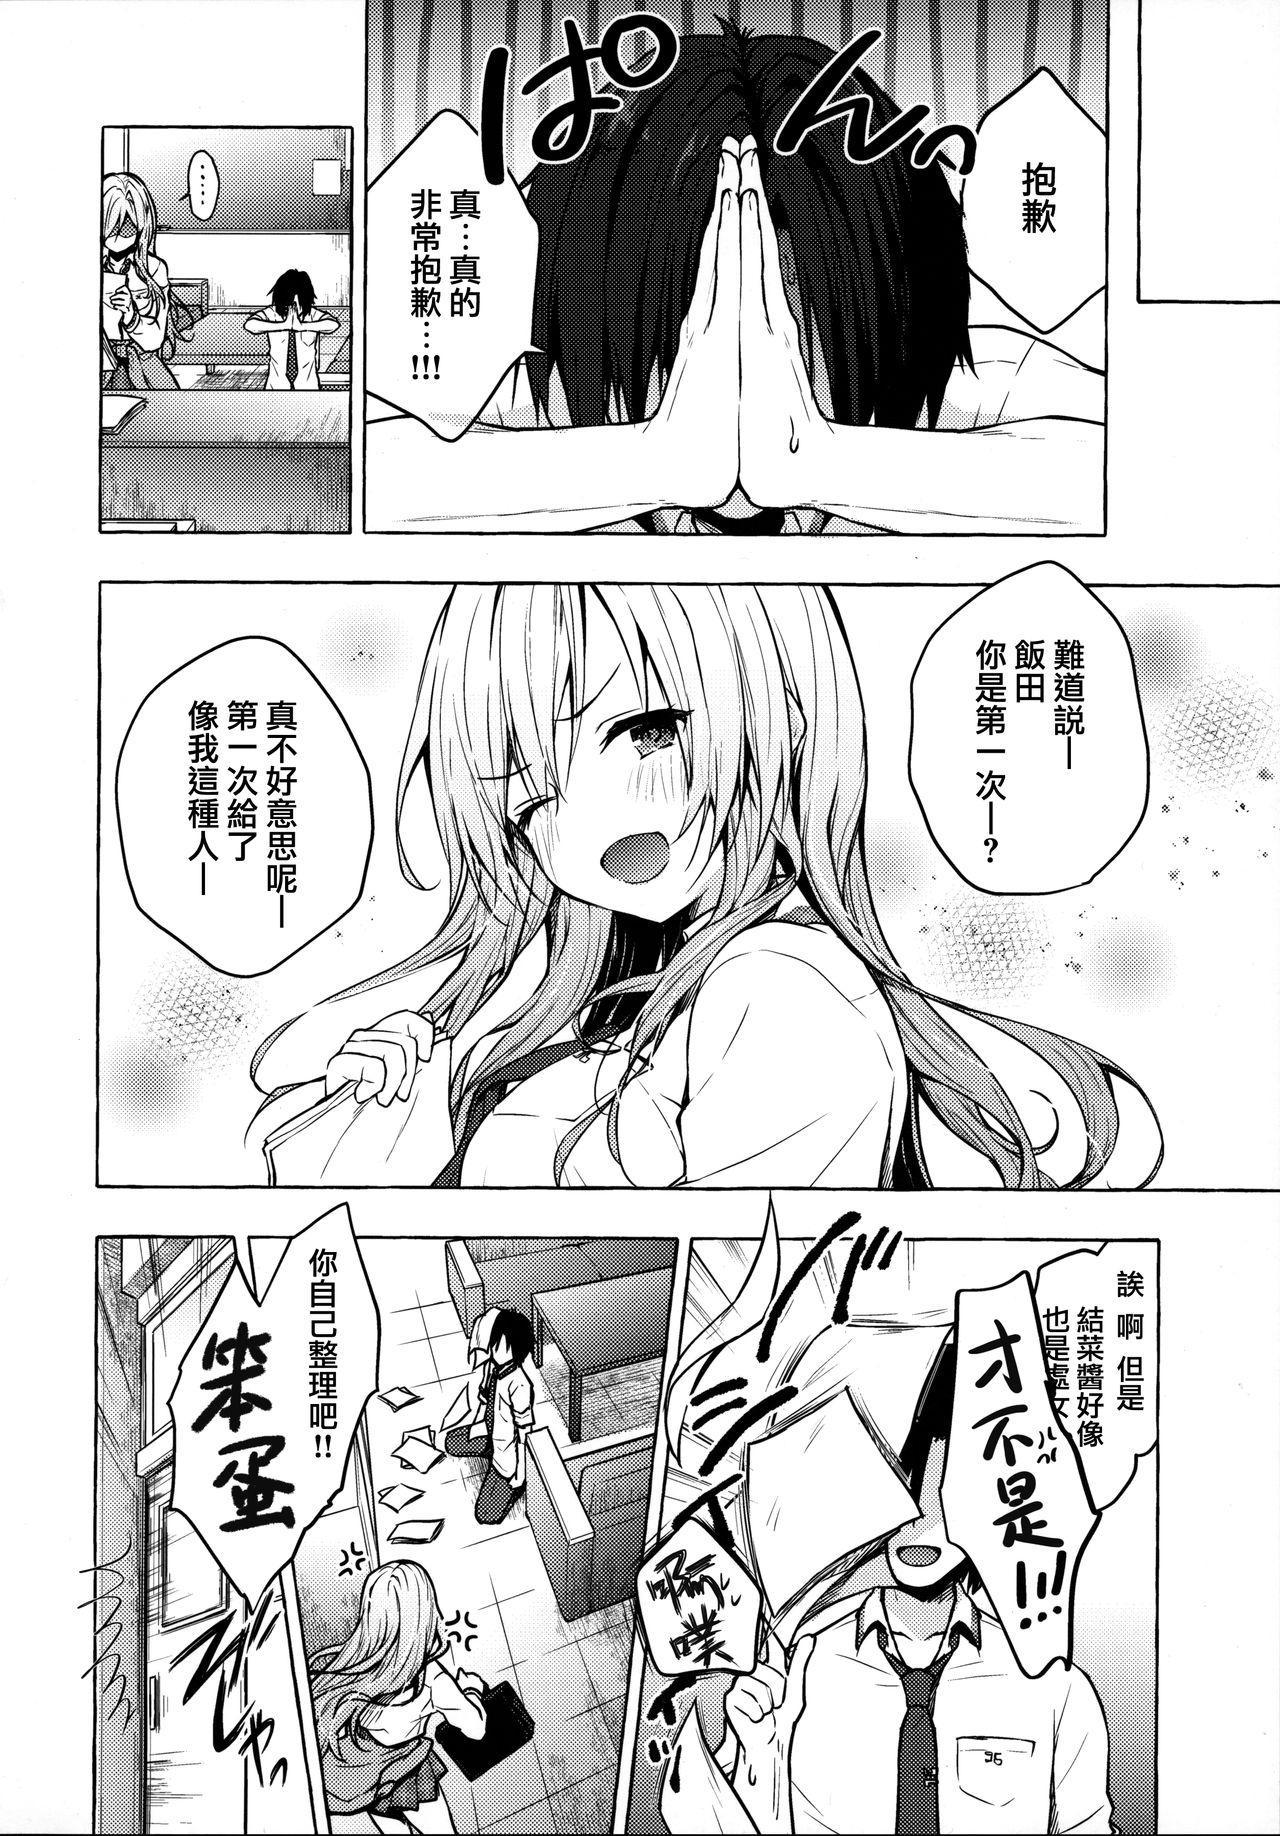 (C96) [Kinokonomi (konomi)] Gal Yuina-chan to Ecchi -Kataomoi no Kanojo ga Boku ni Sekimen!?- [Chinese] [兔司姬漢化組] 22